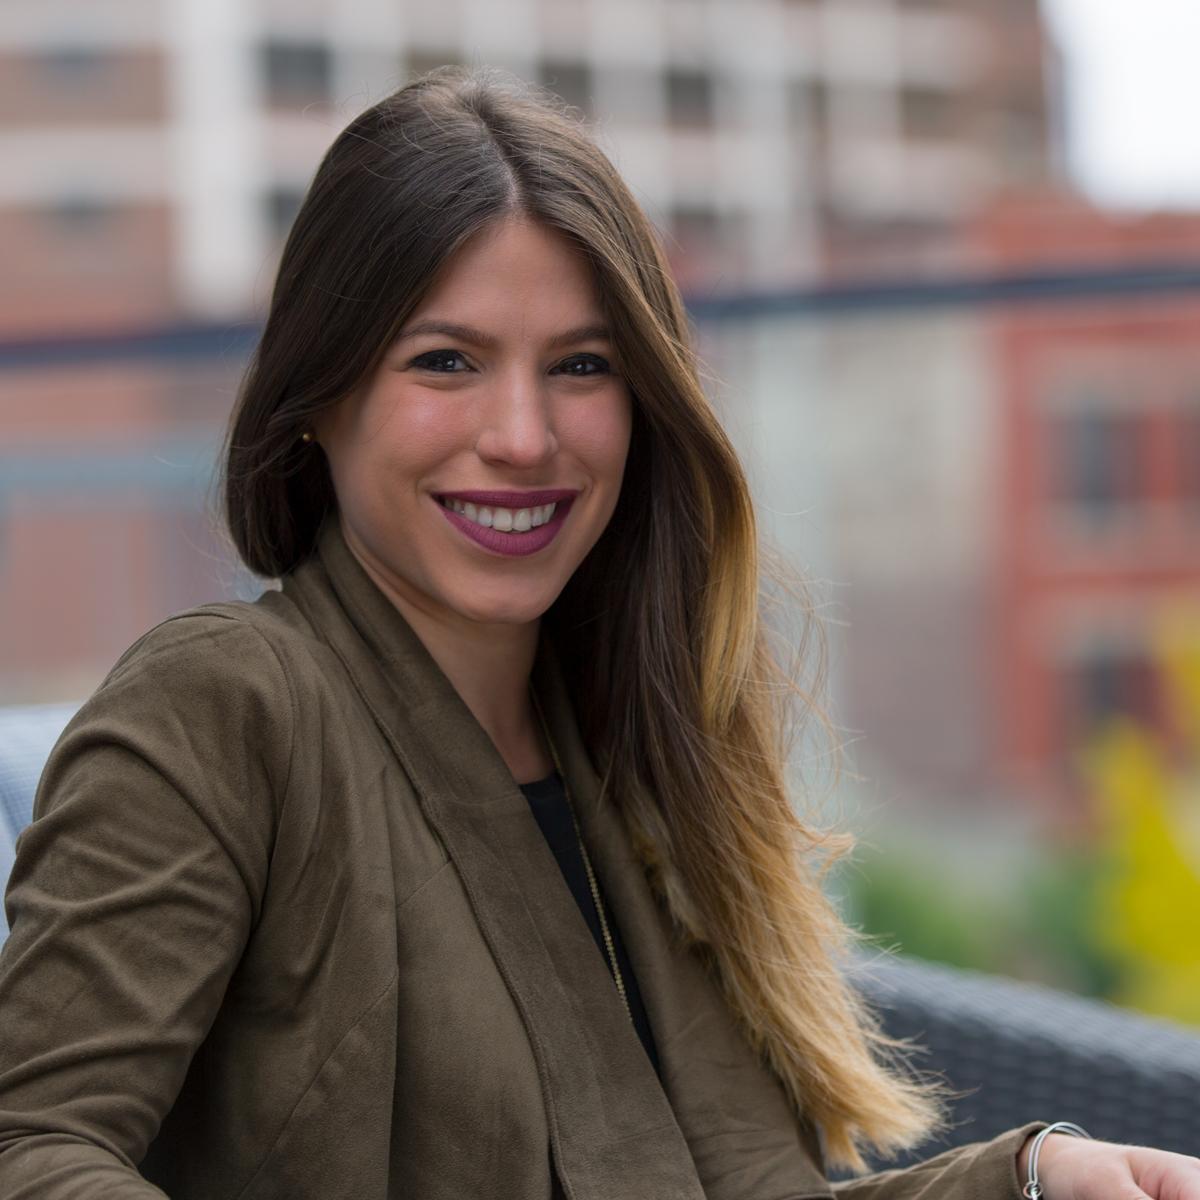 Cristina Melendez